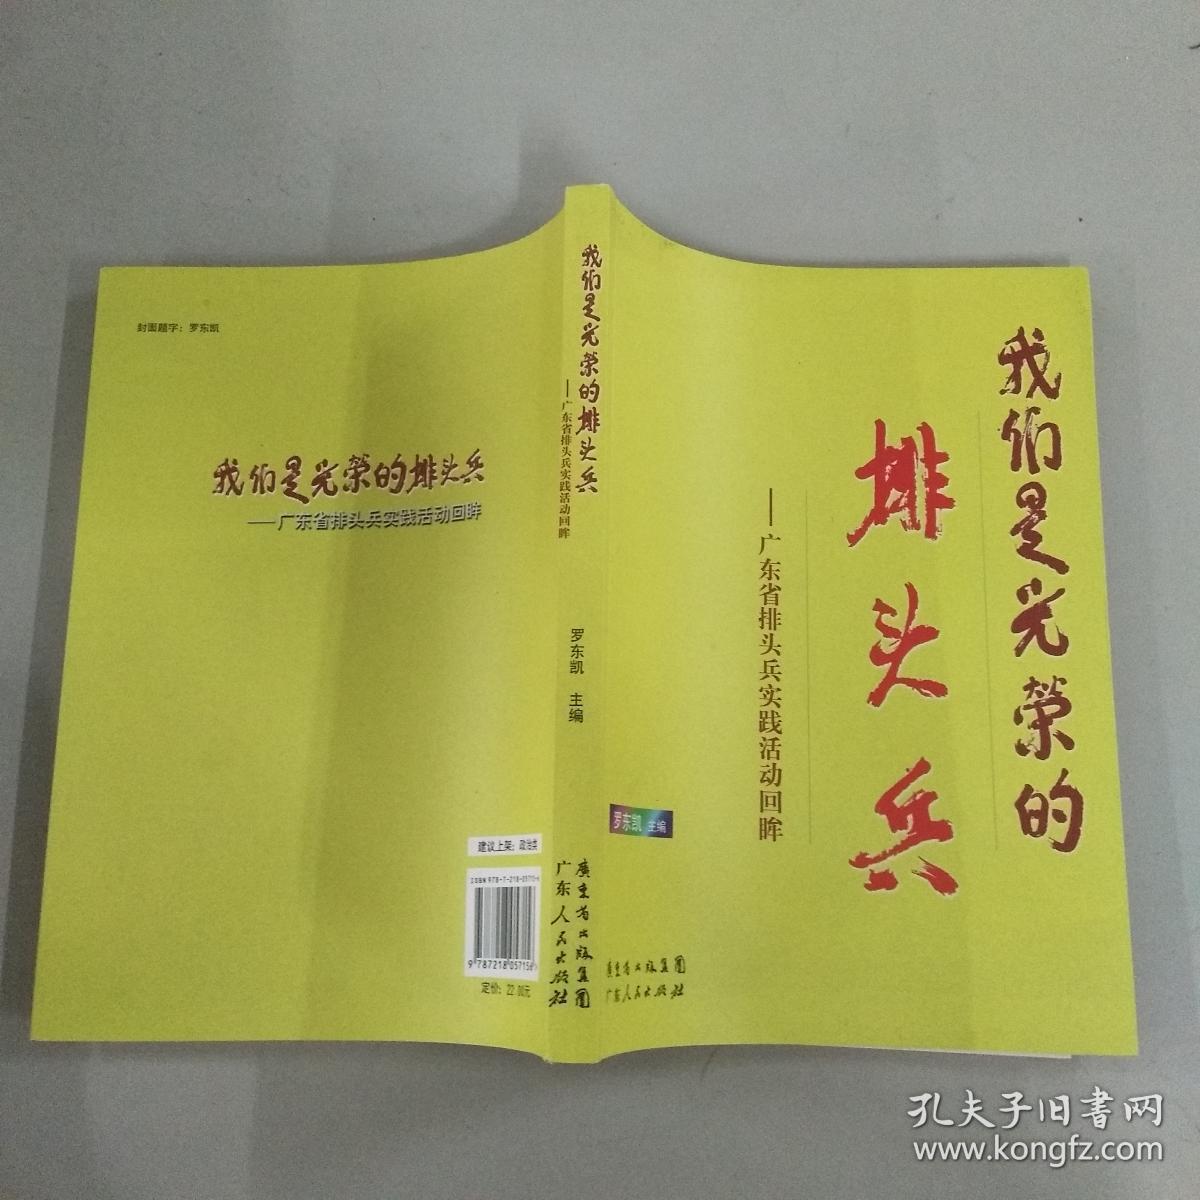 我们是光荣的排头兵:广东省排头兵实践活动回眸